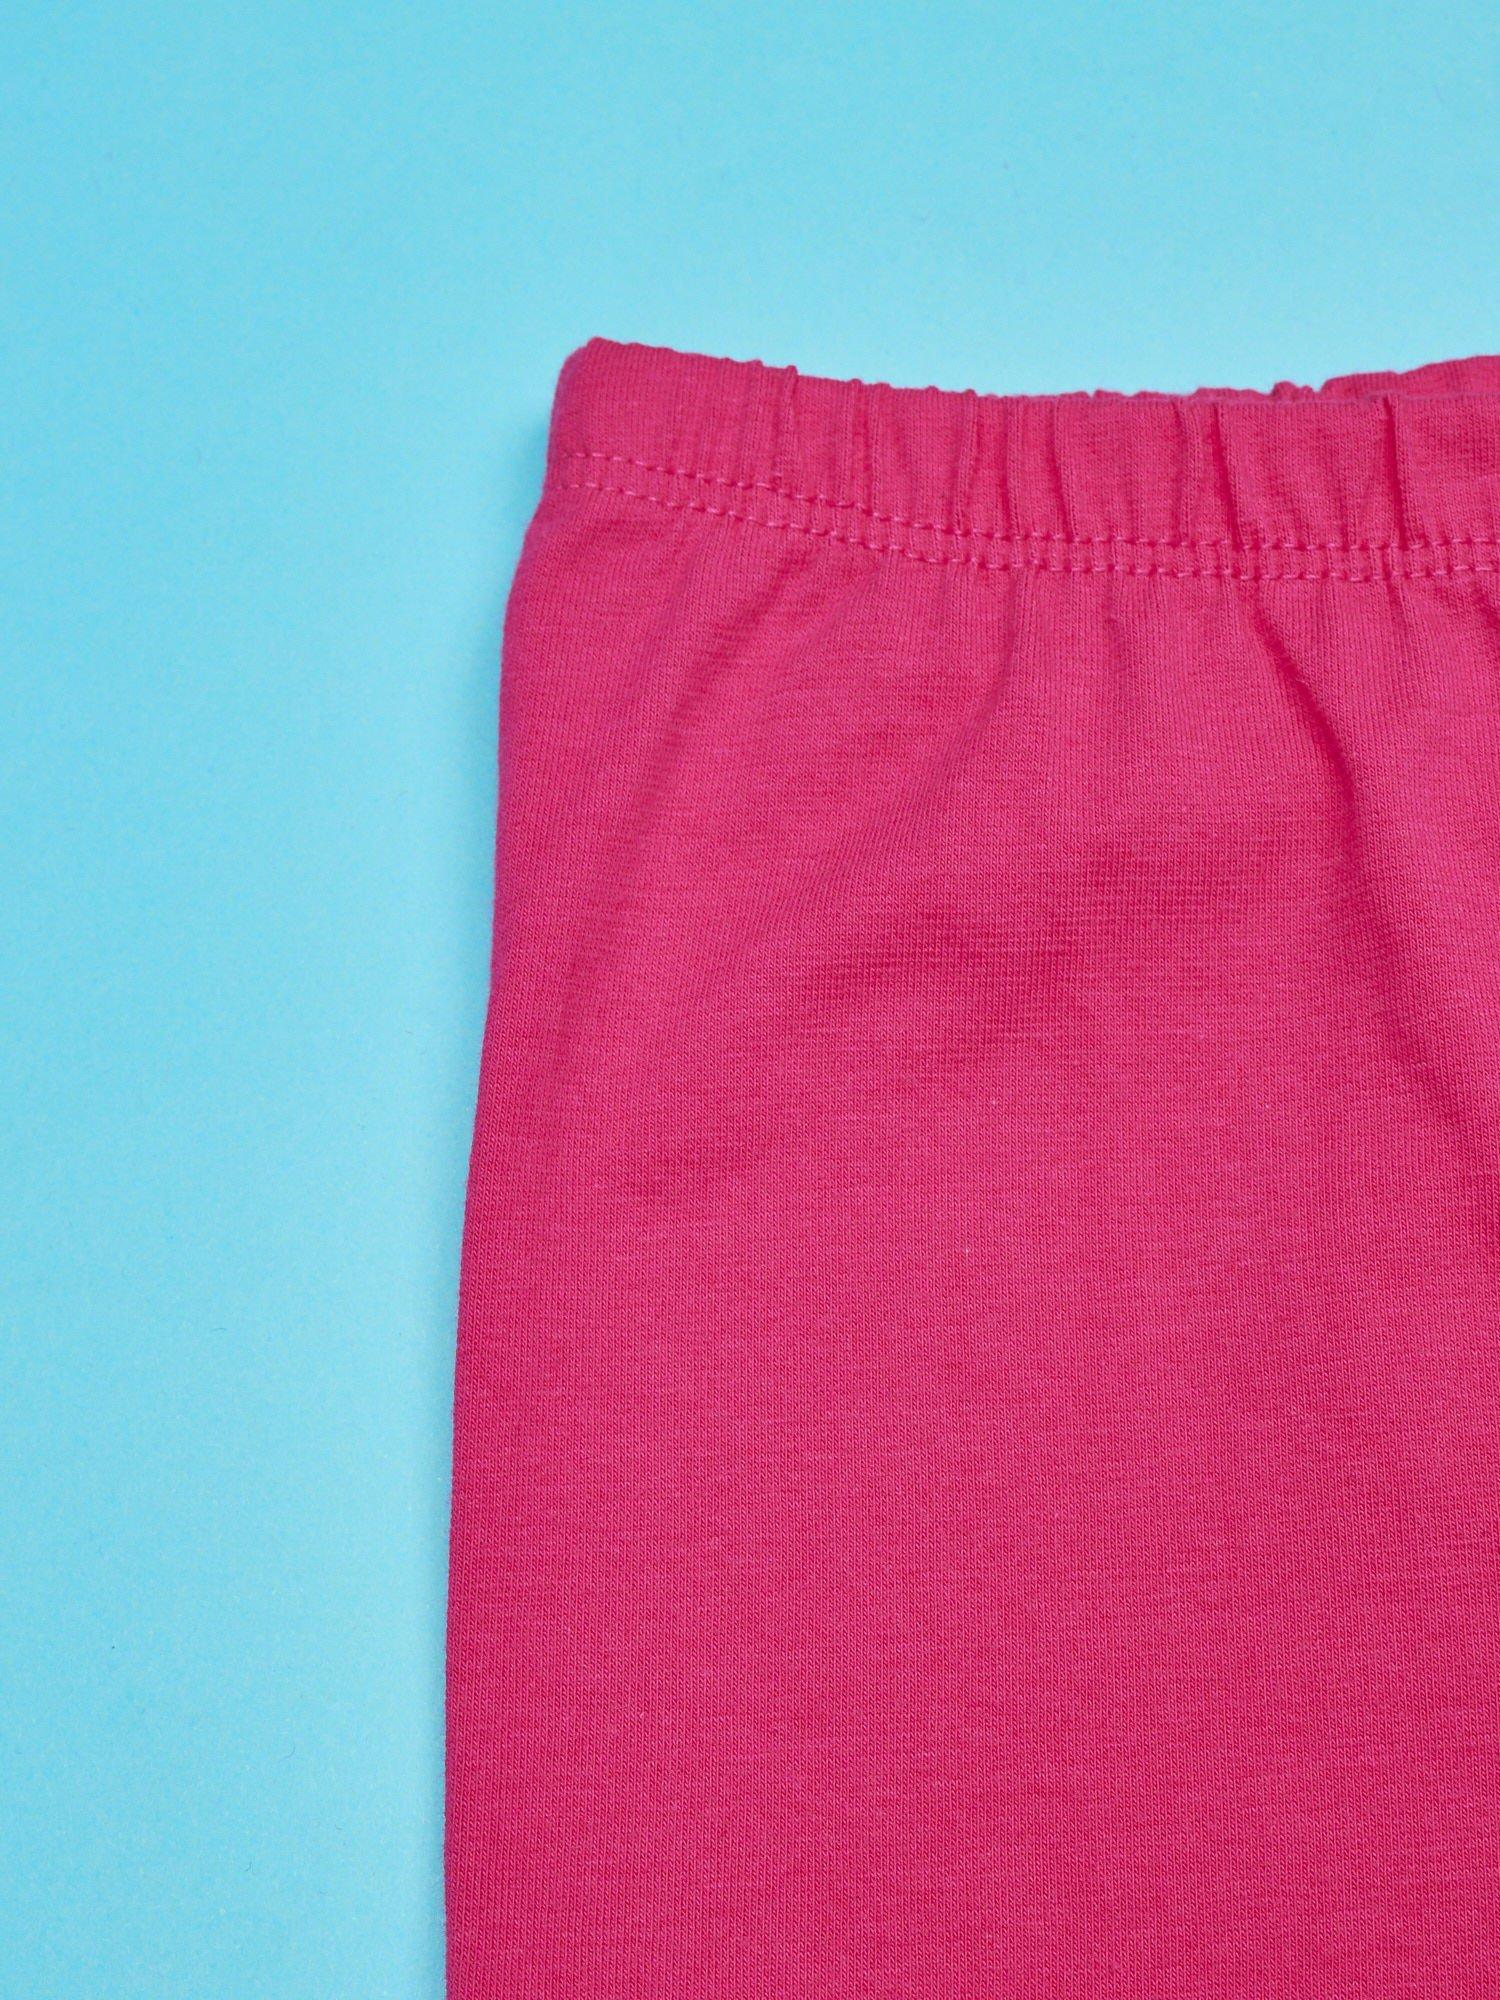 Różowe legginsy dla dziewczynki MY LITTLE PONY                                  zdj.                                  3